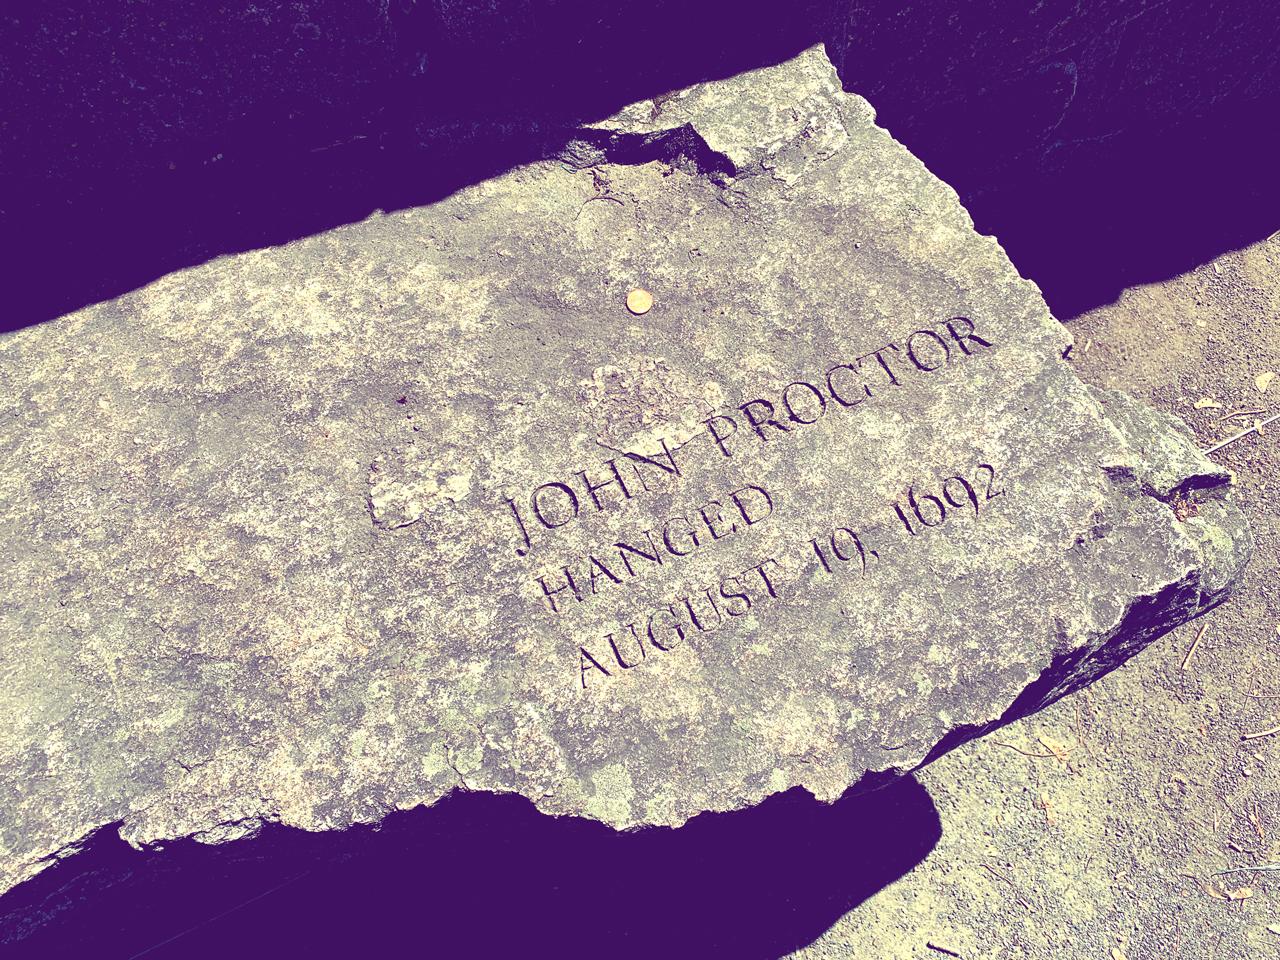 salem-witch-trials-memorial-massachusetts-john-proctor-1280x960